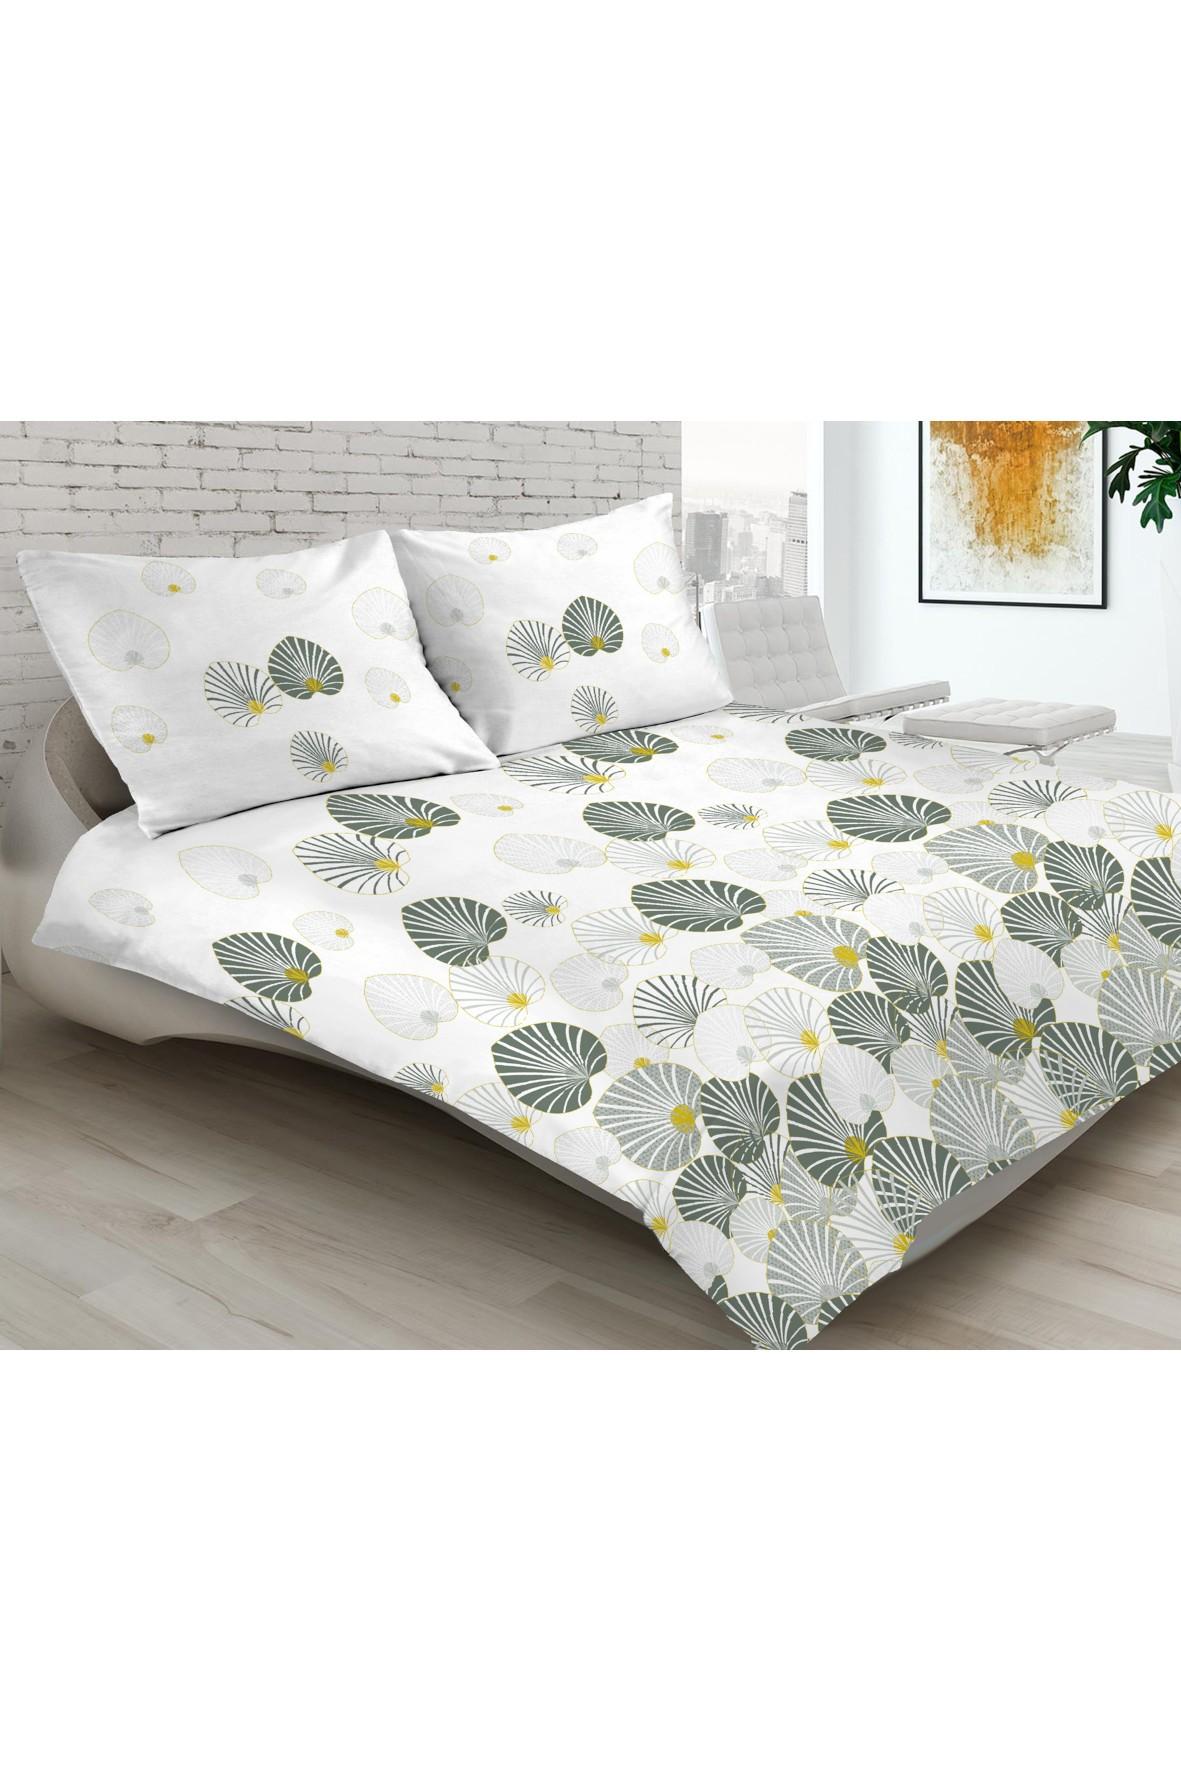 Pościel satynowa premium 220x200cm + poduszki 2szt x 70x80cm